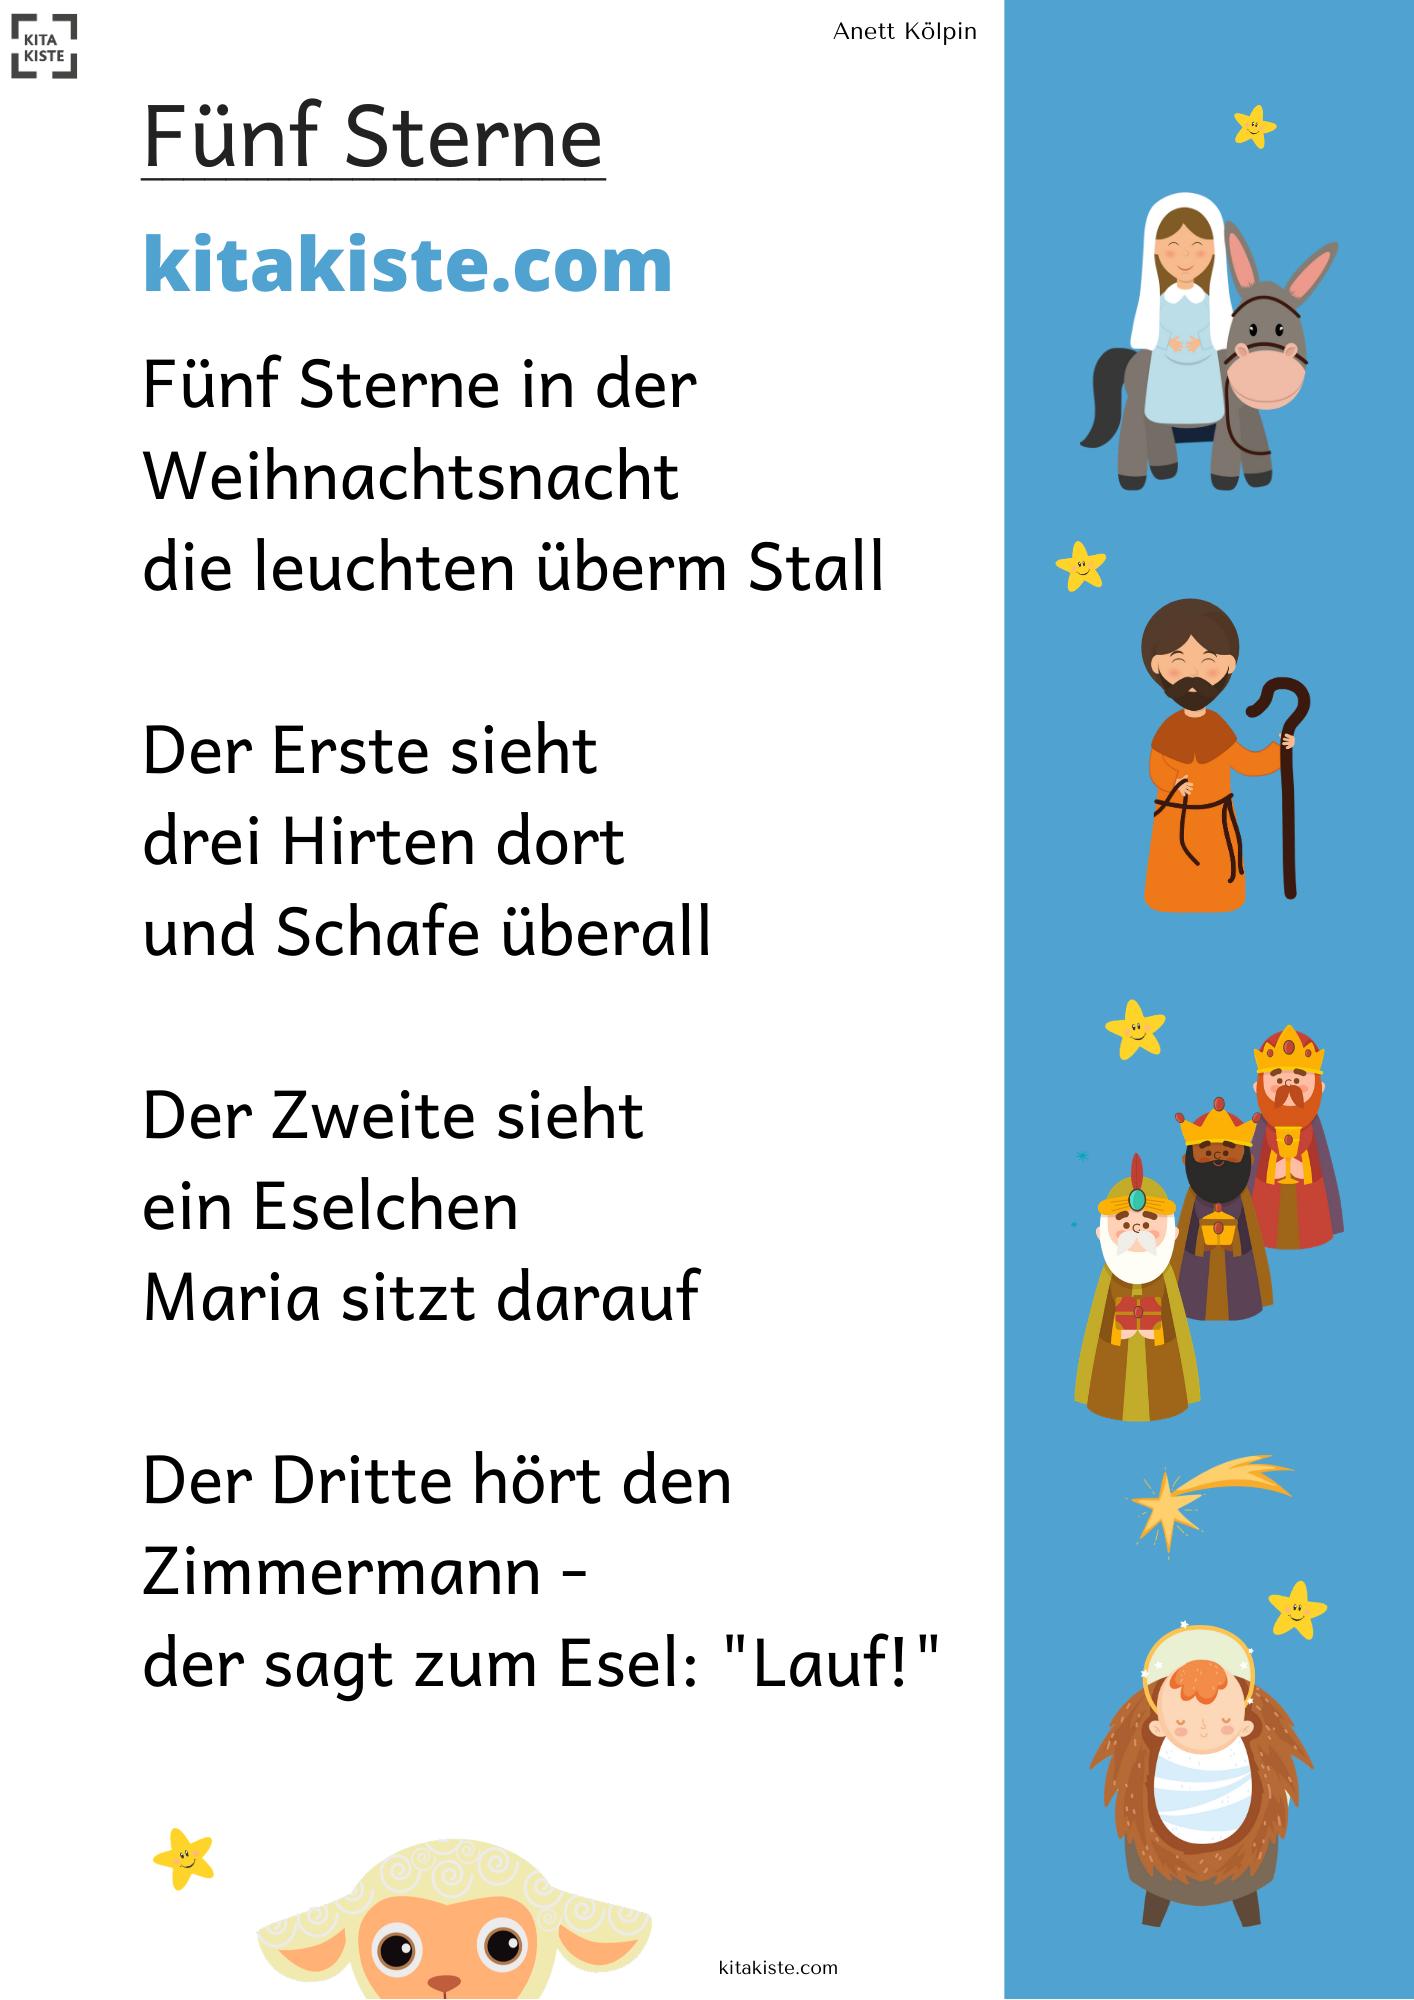 Funf Sterne Fingerspiel Fingerspiele Gedicht Weihnachten Gedichte Fur Kinder